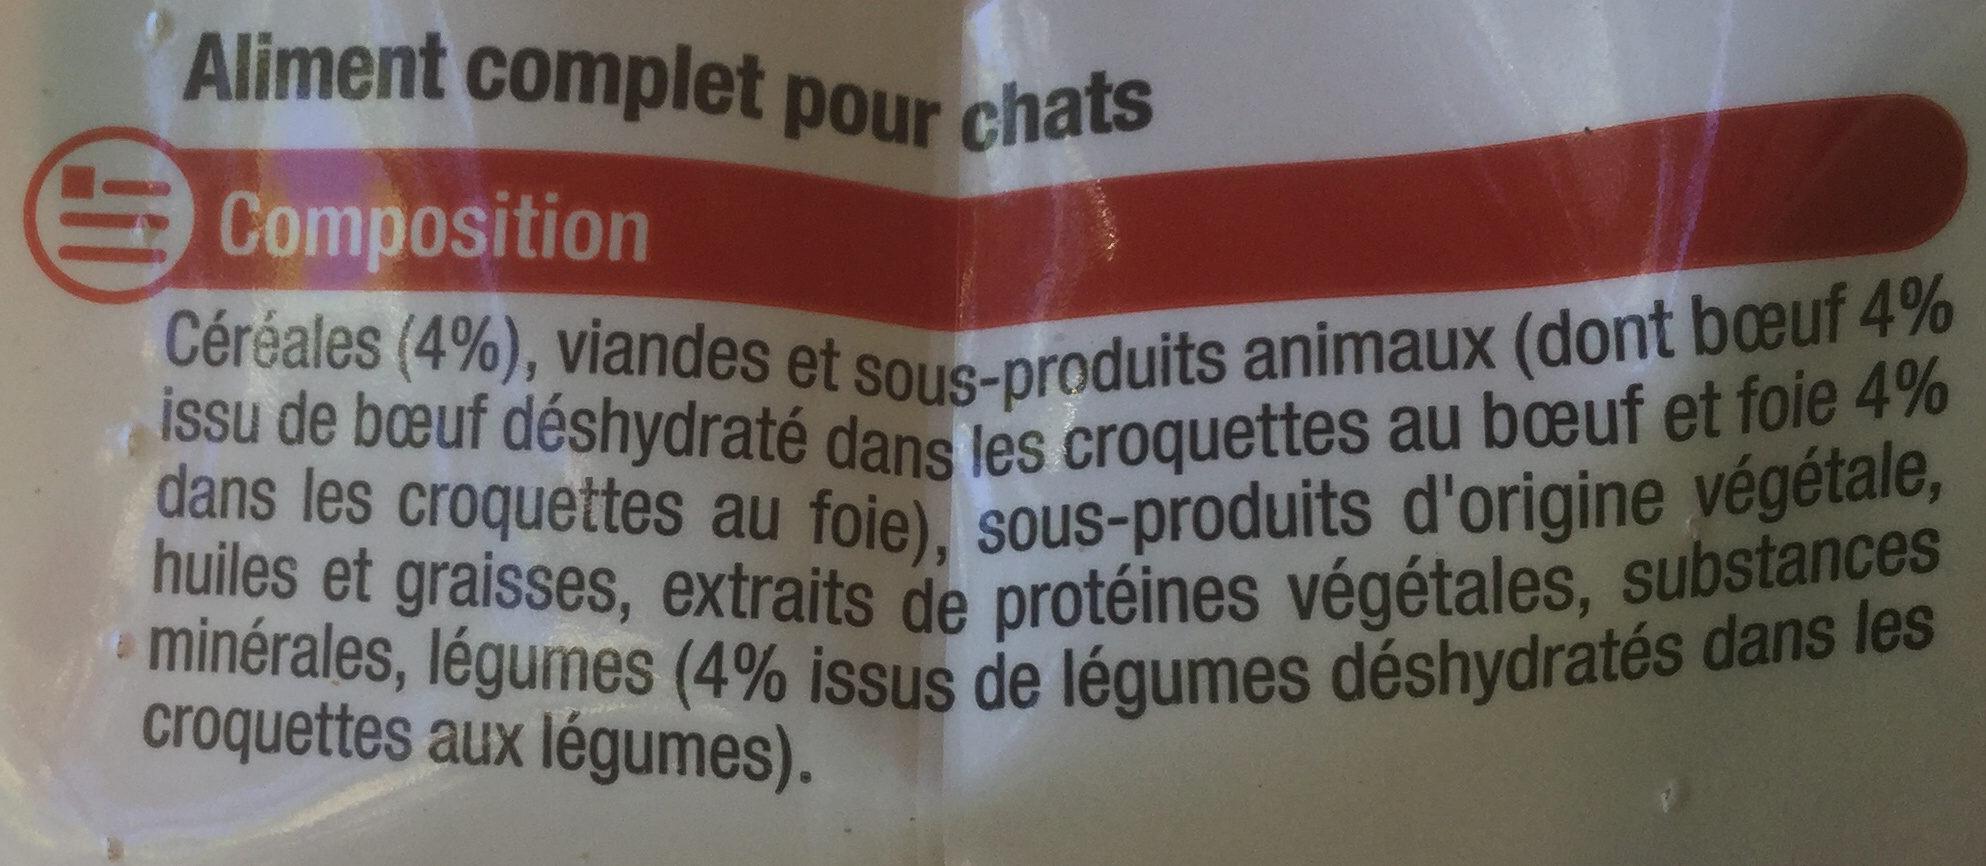 Multi croquettes au foie, au bœuf, aux légumes, aux céréales - Ingredients - fr